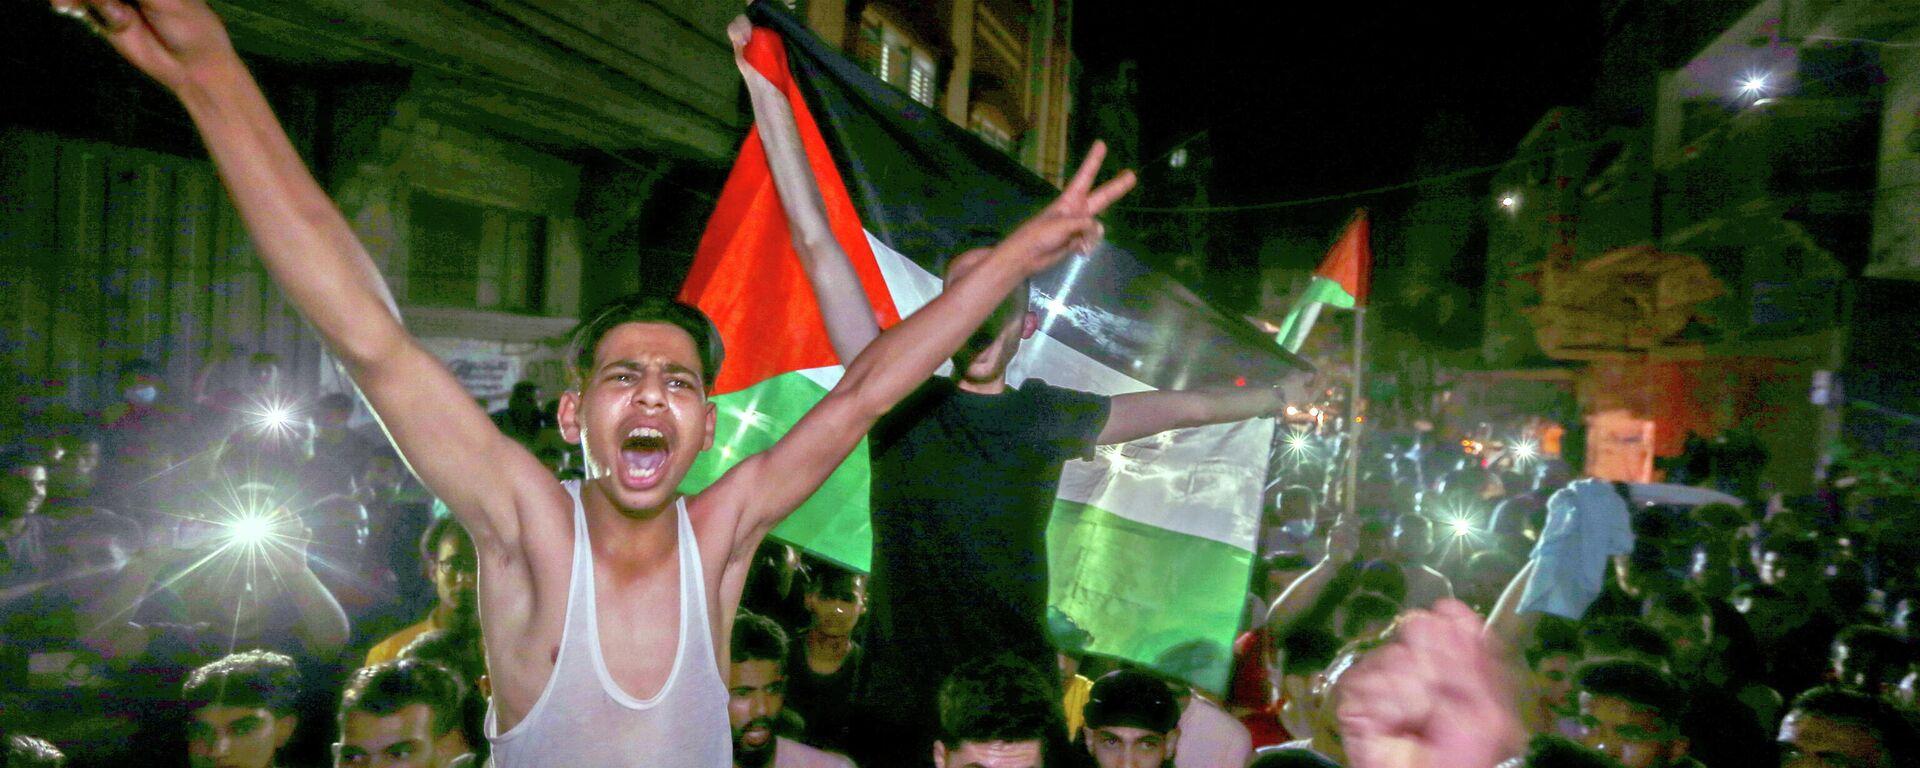 Palästinenser im Gazastreifen feiern Waffenruhe, der 21. Mai 2021  - SNA, 1920, 21.05.2021